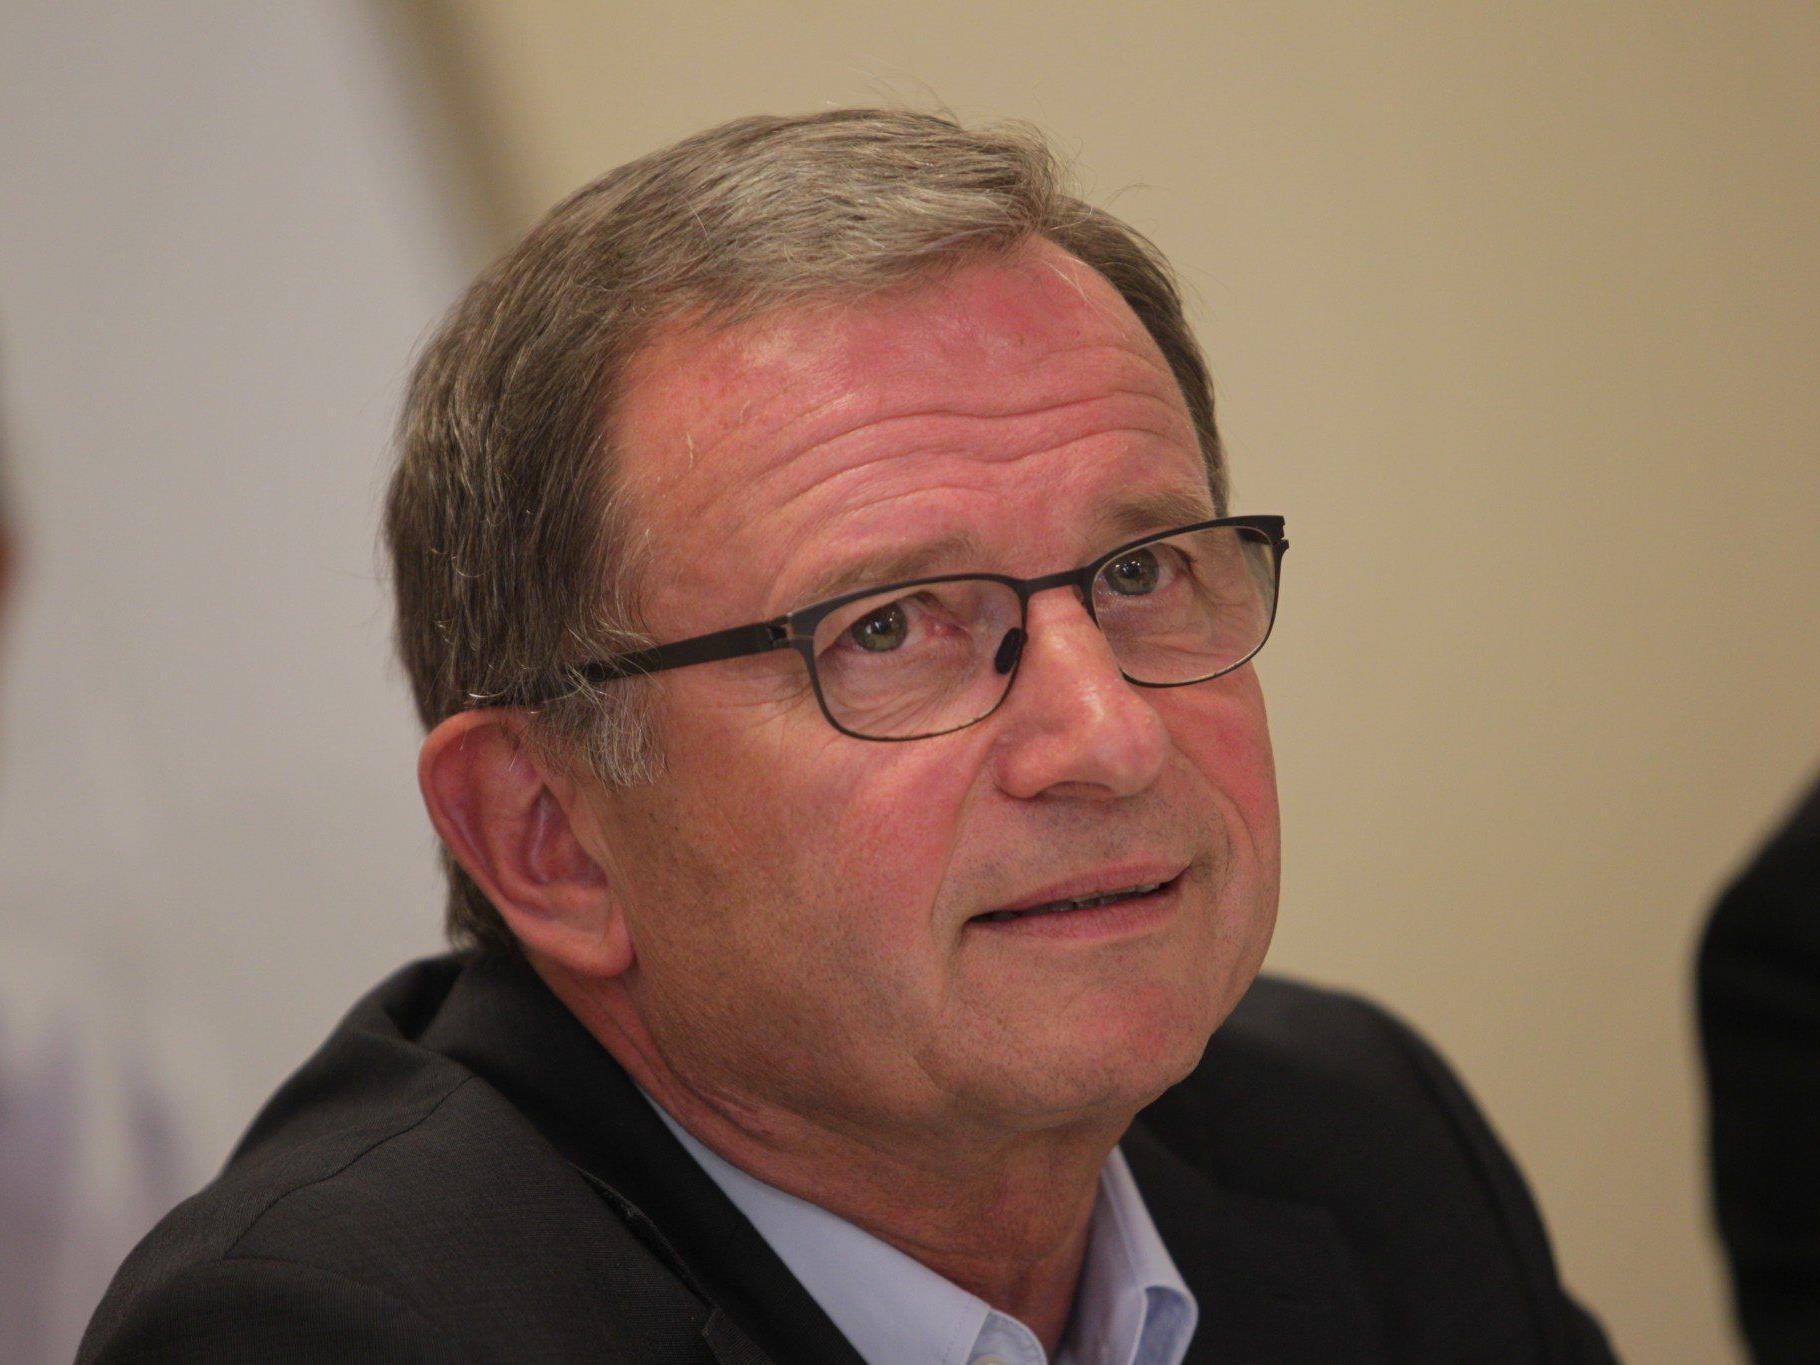 ÖVP-Nationalratspräsident: Ergebnis der Kommission abwarten.